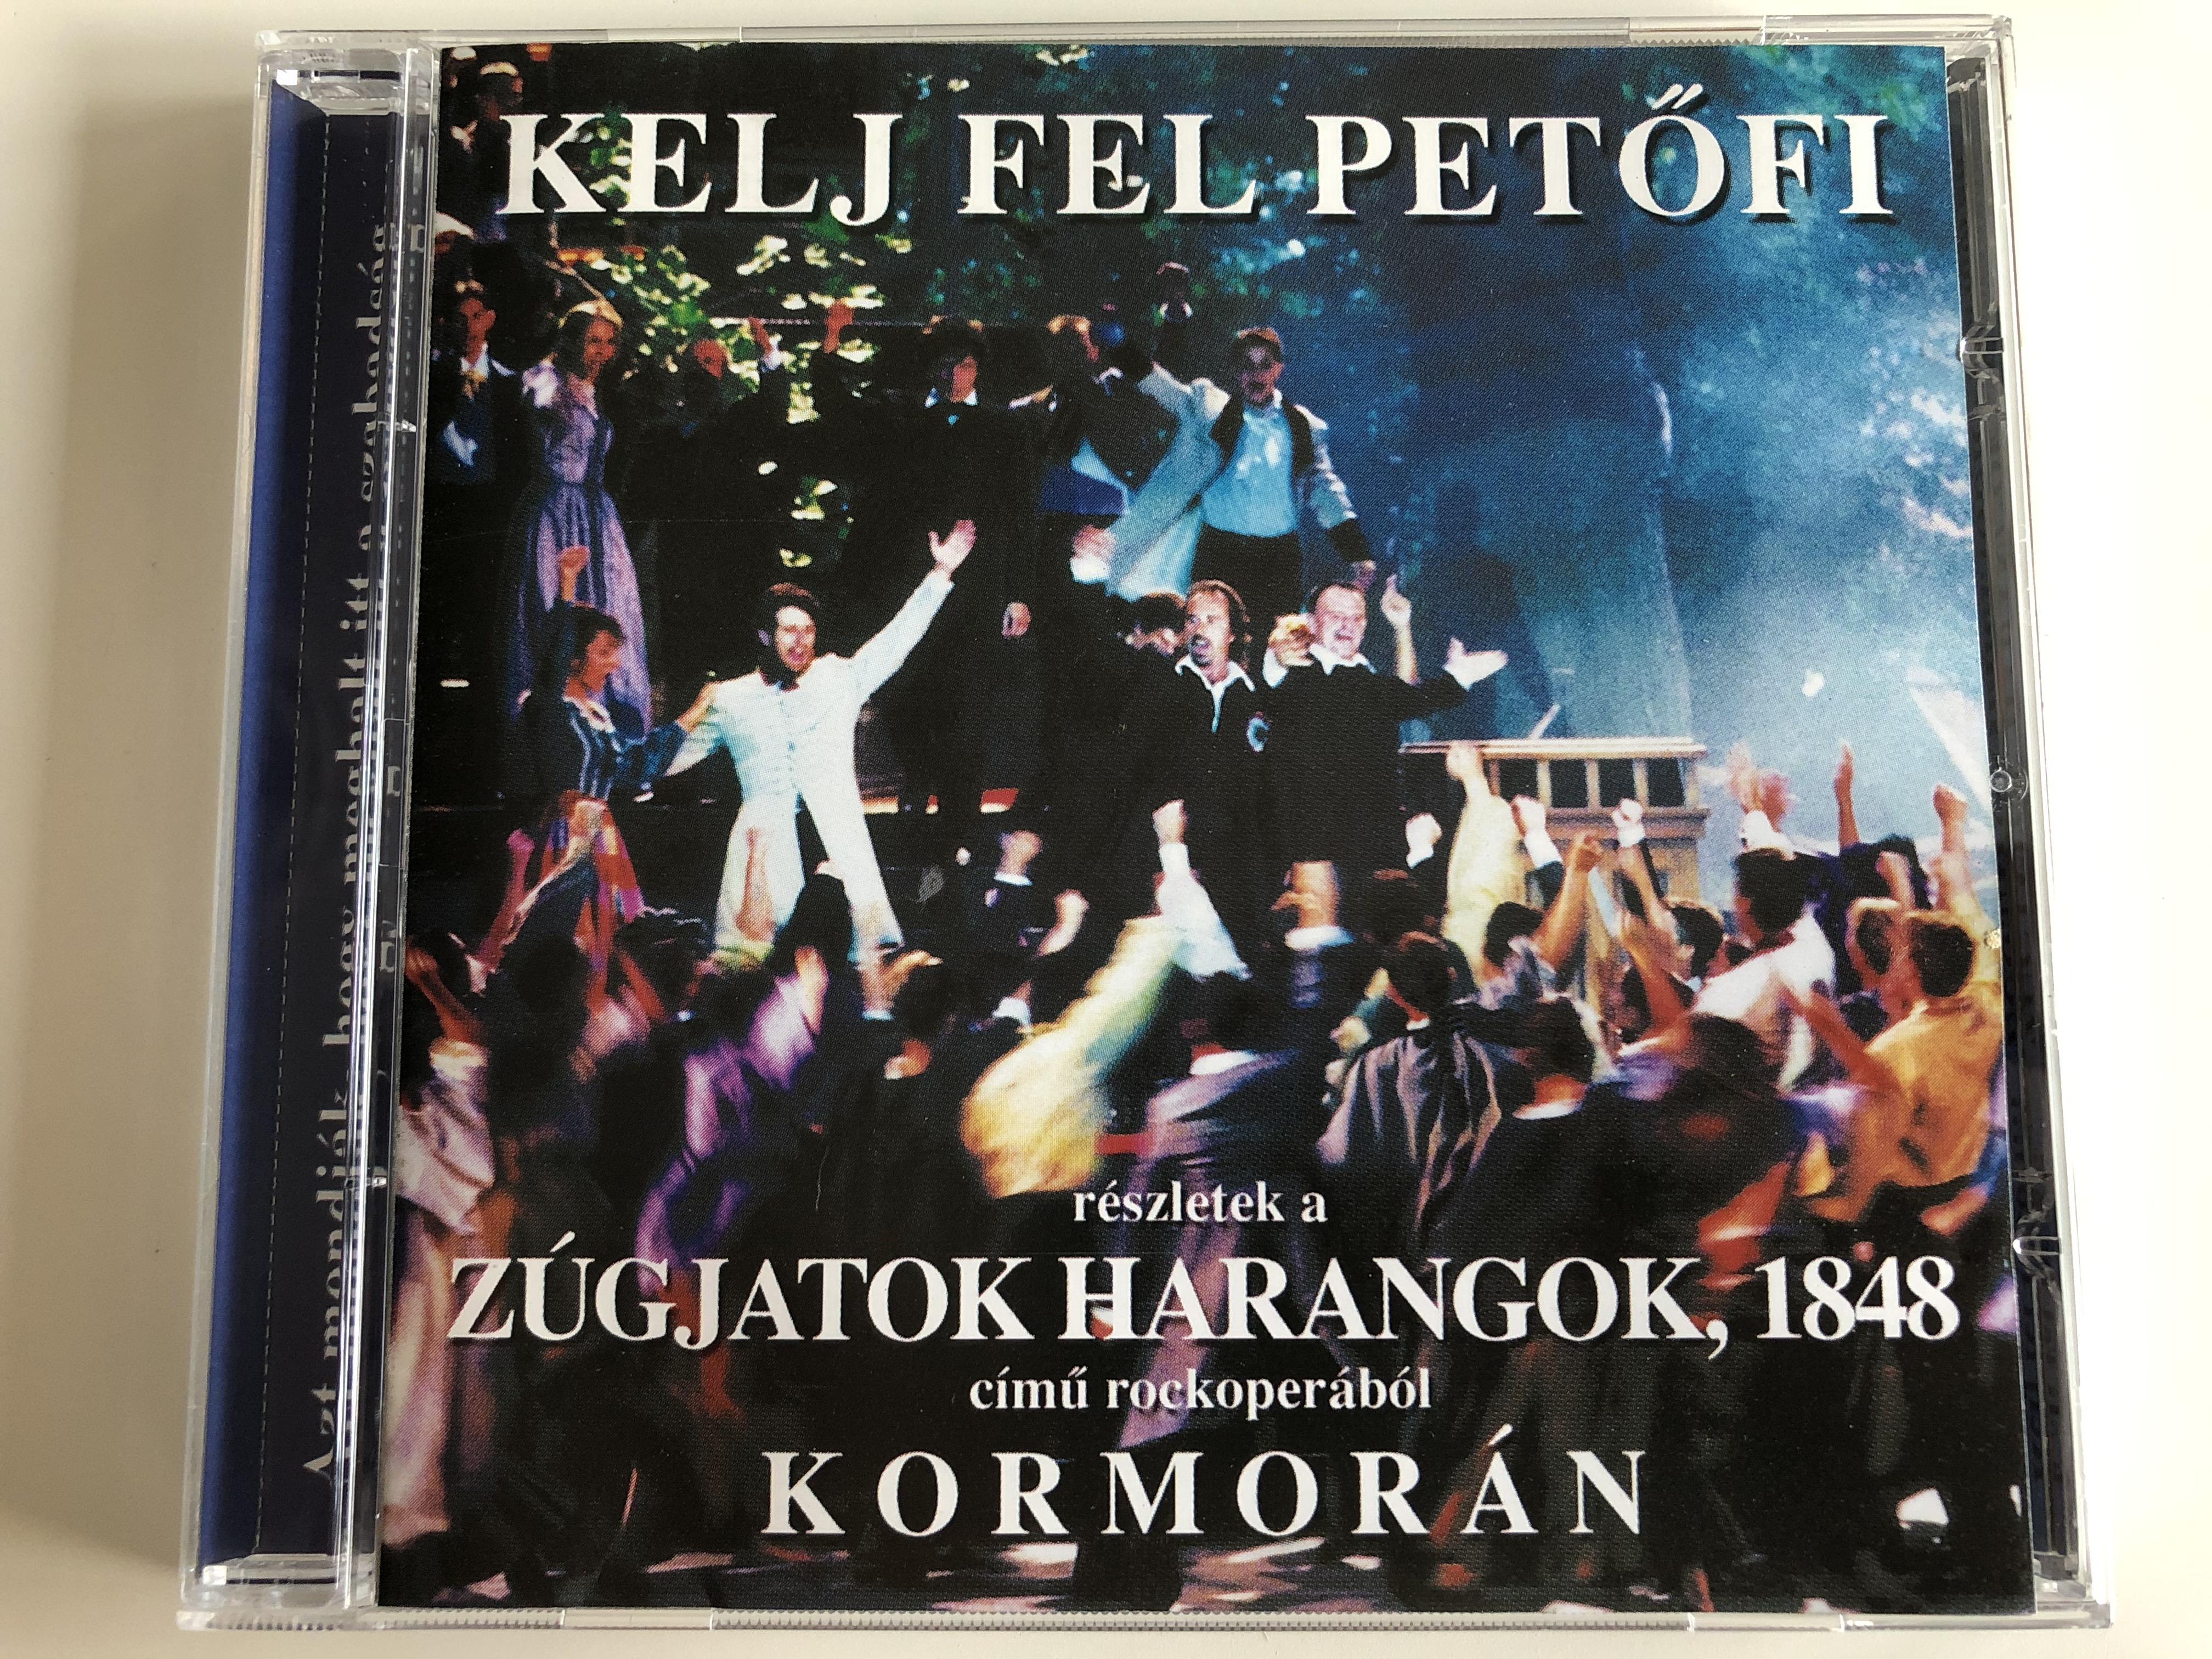 kelj-fel-pet-fi-reszletek-z-gjatok-harangok-1848-kormor-n-kormoran-audio-cd-2003-1-.jpg